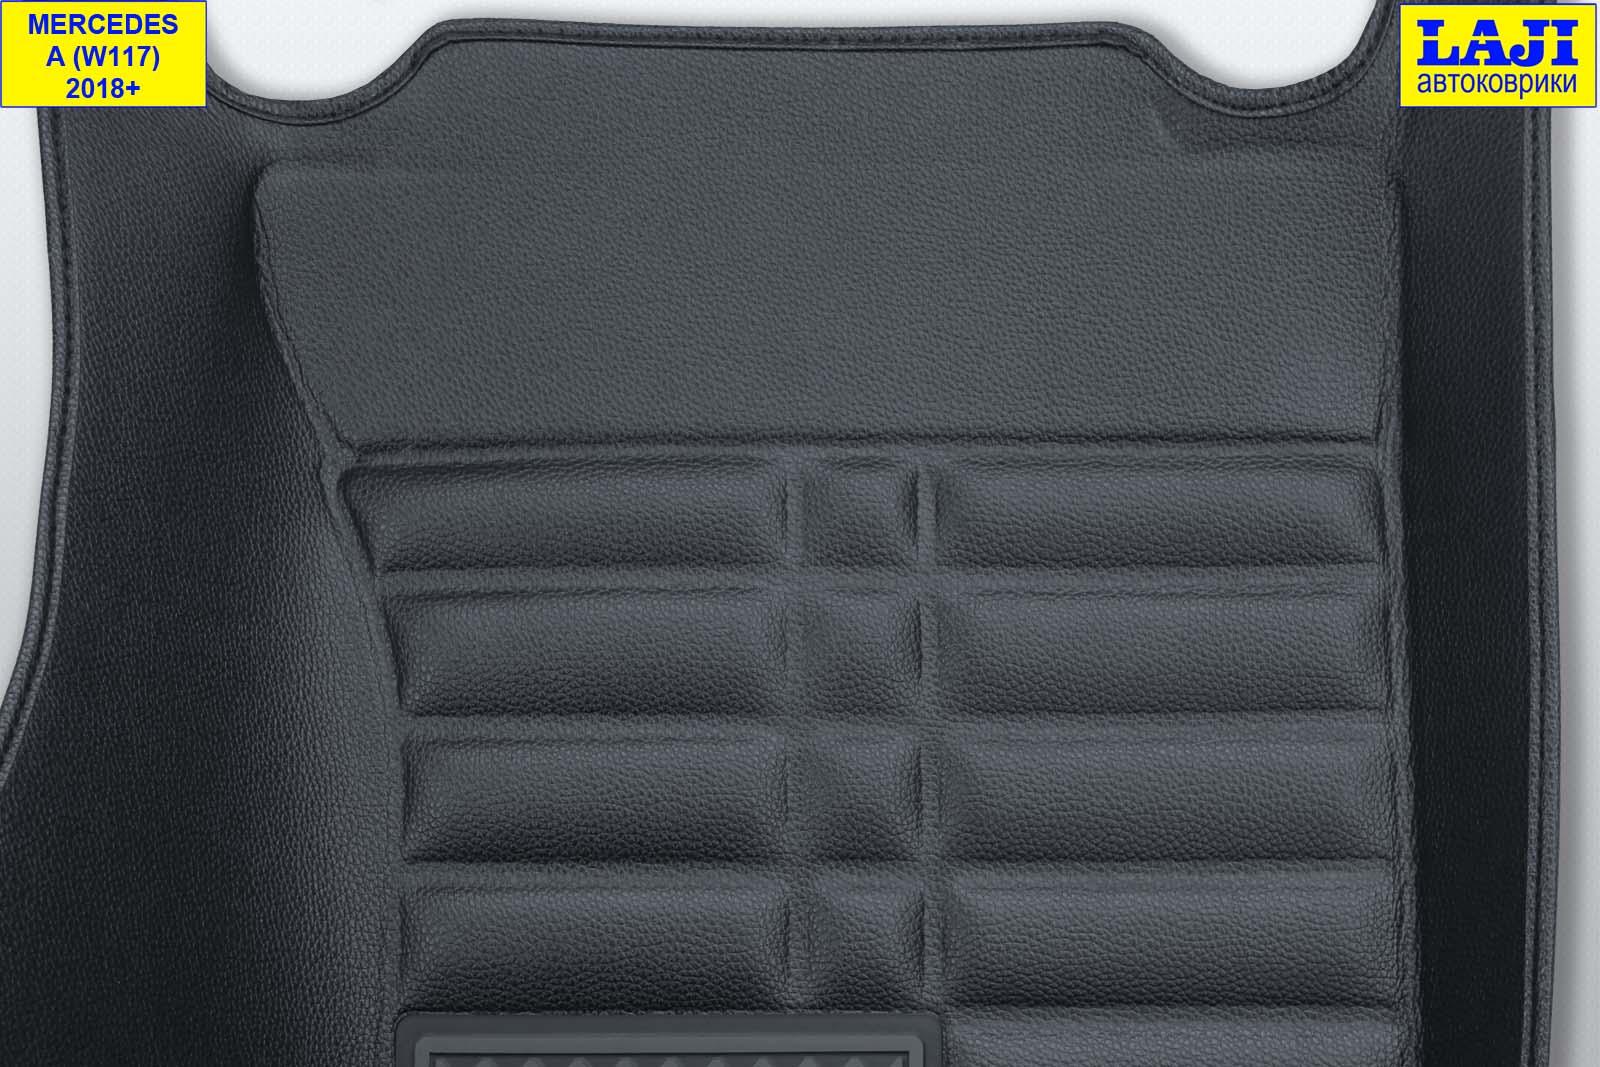 5D коврики в салон Mercedes A W176 2012-2018 8